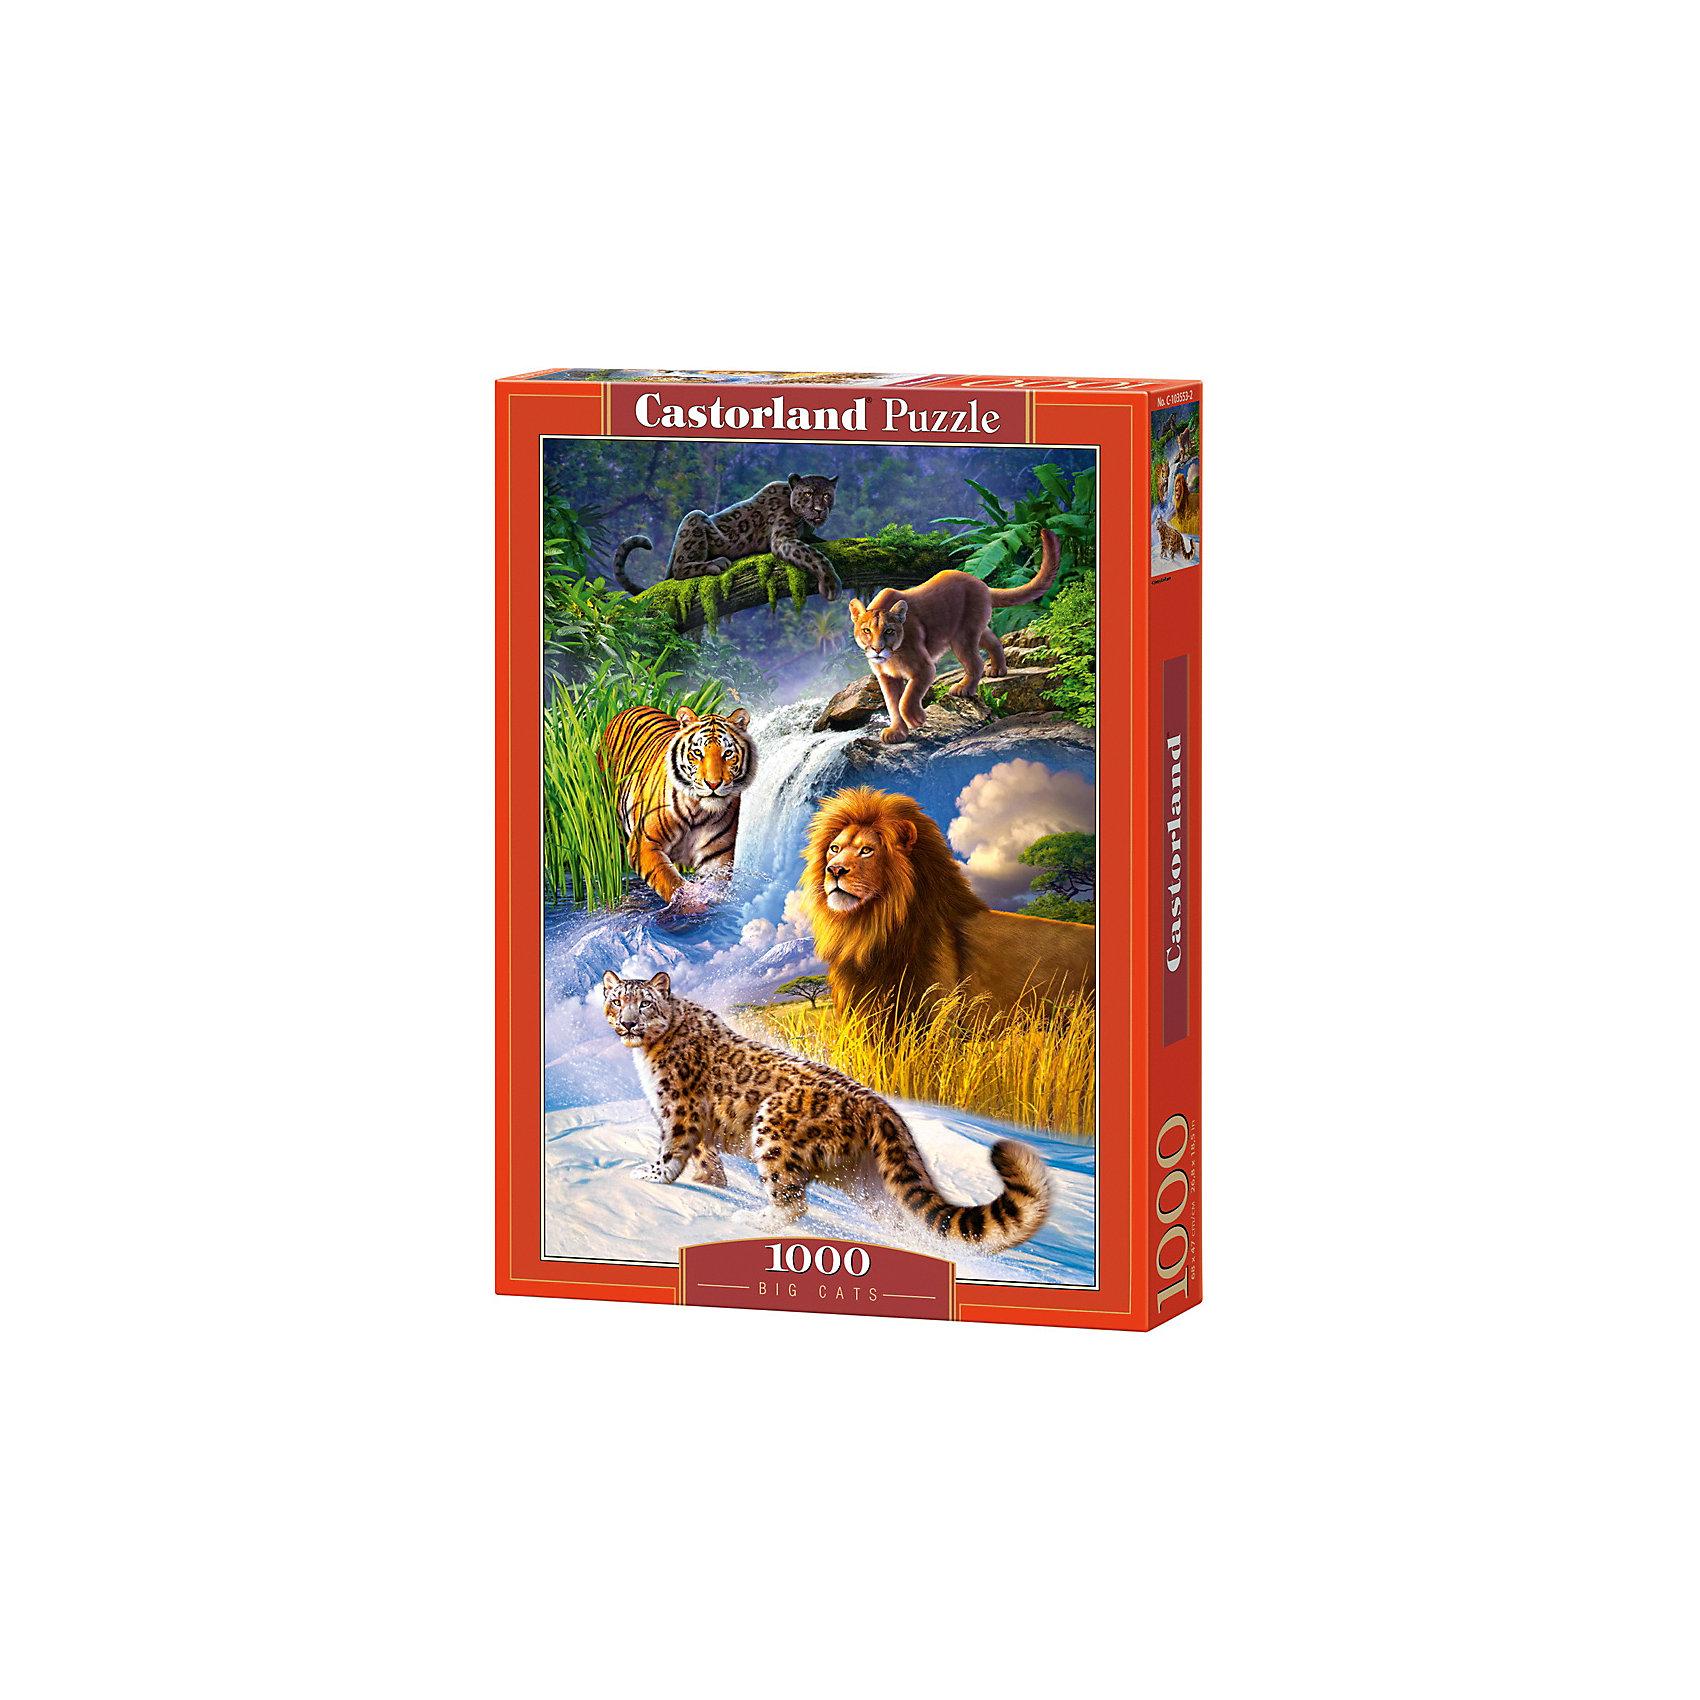 Пазл Castorland Дикие кошки, 1000 деталейКлассические пазлы<br>Характеристики:<br><br>• возраст: от 9 лет<br>• количество деталей: 1000 шт.<br>• размер собранного пазла: 47х68 см.<br>• материал: картон<br>• упаковка: картонная коробка<br>• размер упаковки: 25x5x35 см.<br>• вес: 500 гр.<br>• страна обладатель бренда: Польша<br><br>Пазл «Дикие кошки» от Castorland (Касторленд) отличается высоким качеством, высоким уровнем полиграфии, насыщенными цветами и идеальной стыковкой элементов. Пазл «Дикие кошки» состоит из тысячи элементов, собрав которые, можно получить чудесную картину с изображенными в местах своего обитания, великолепными хищниками семейства кошачьих.<br><br>Пазл Дикие кошки, 1000 деталей, Castorland (Касторленд) можно купить в нашем интернет-магазине.<br><br>Ширина мм: 350<br>Глубина мм: 250<br>Высота мм: 50<br>Вес г: 500<br>Возраст от месяцев: 108<br>Возраст до месяцев: 2147483647<br>Пол: Унисекс<br>Возраст: Детский<br>SKU: 6725070